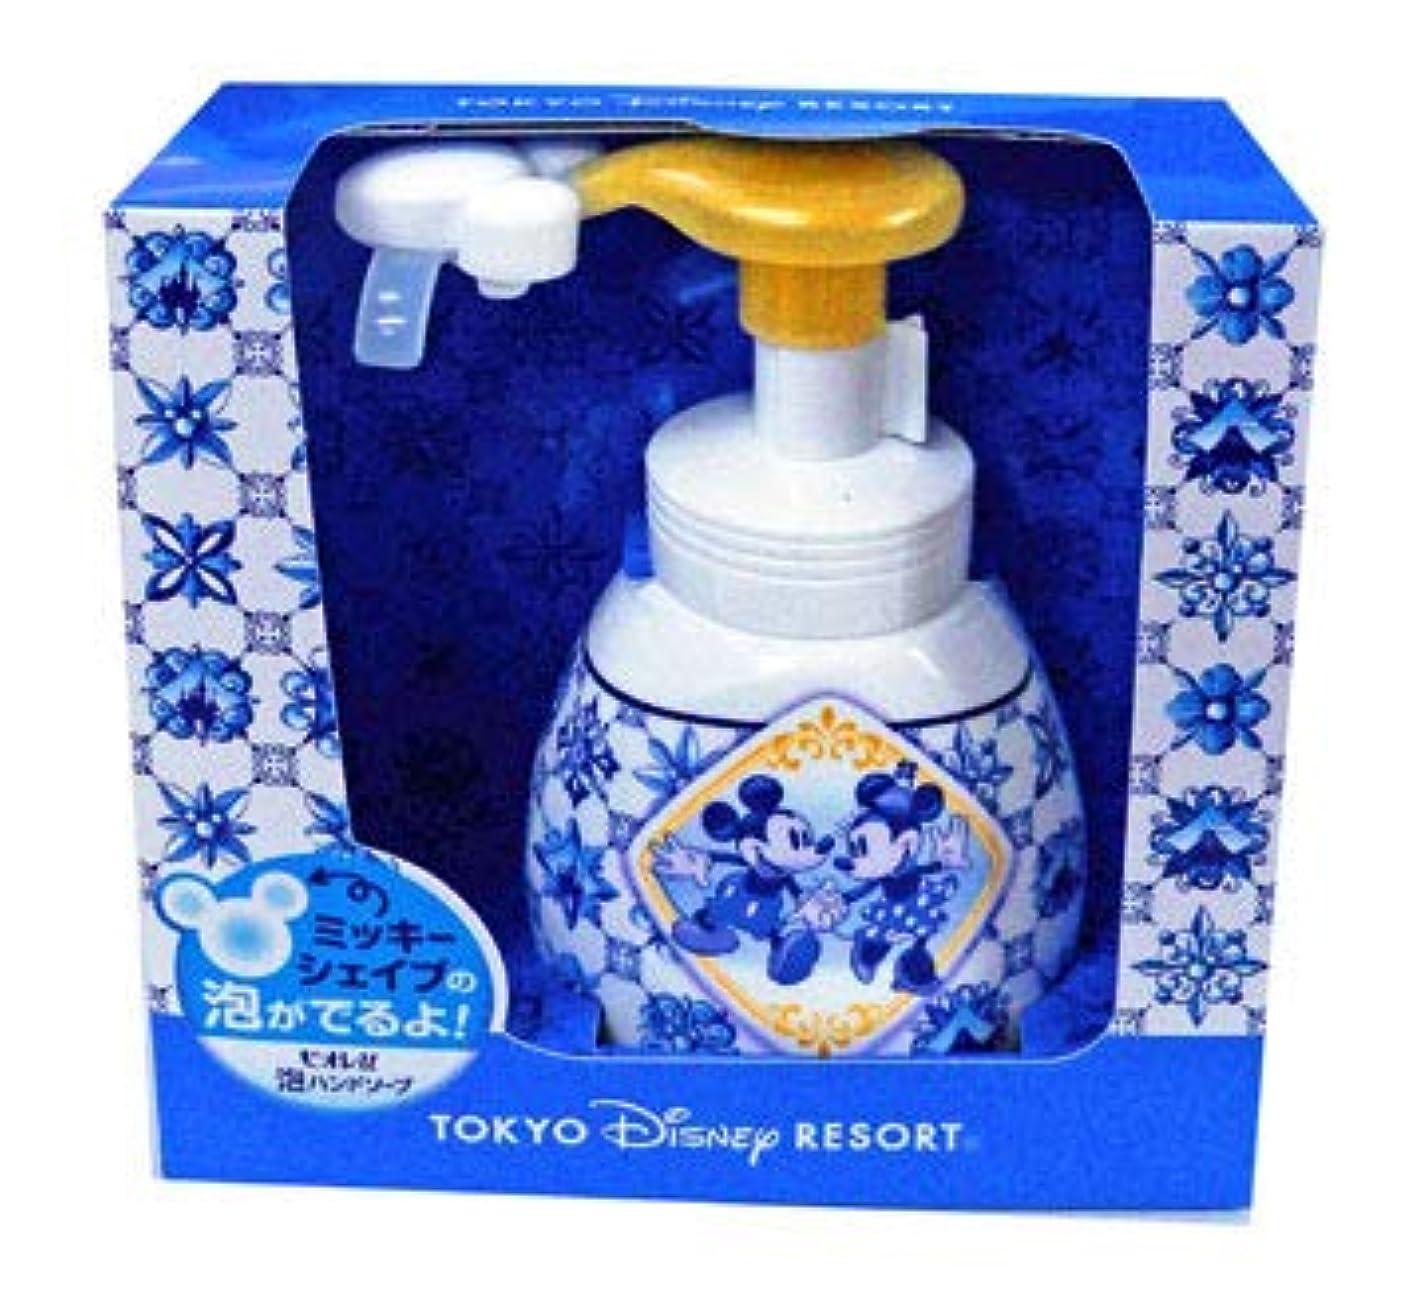 滅びるミケランジェロあたたかい泡ハンドソープ(新デザイン) 東京ディズニーリゾート ミッキーとミニー柄  おみやげ